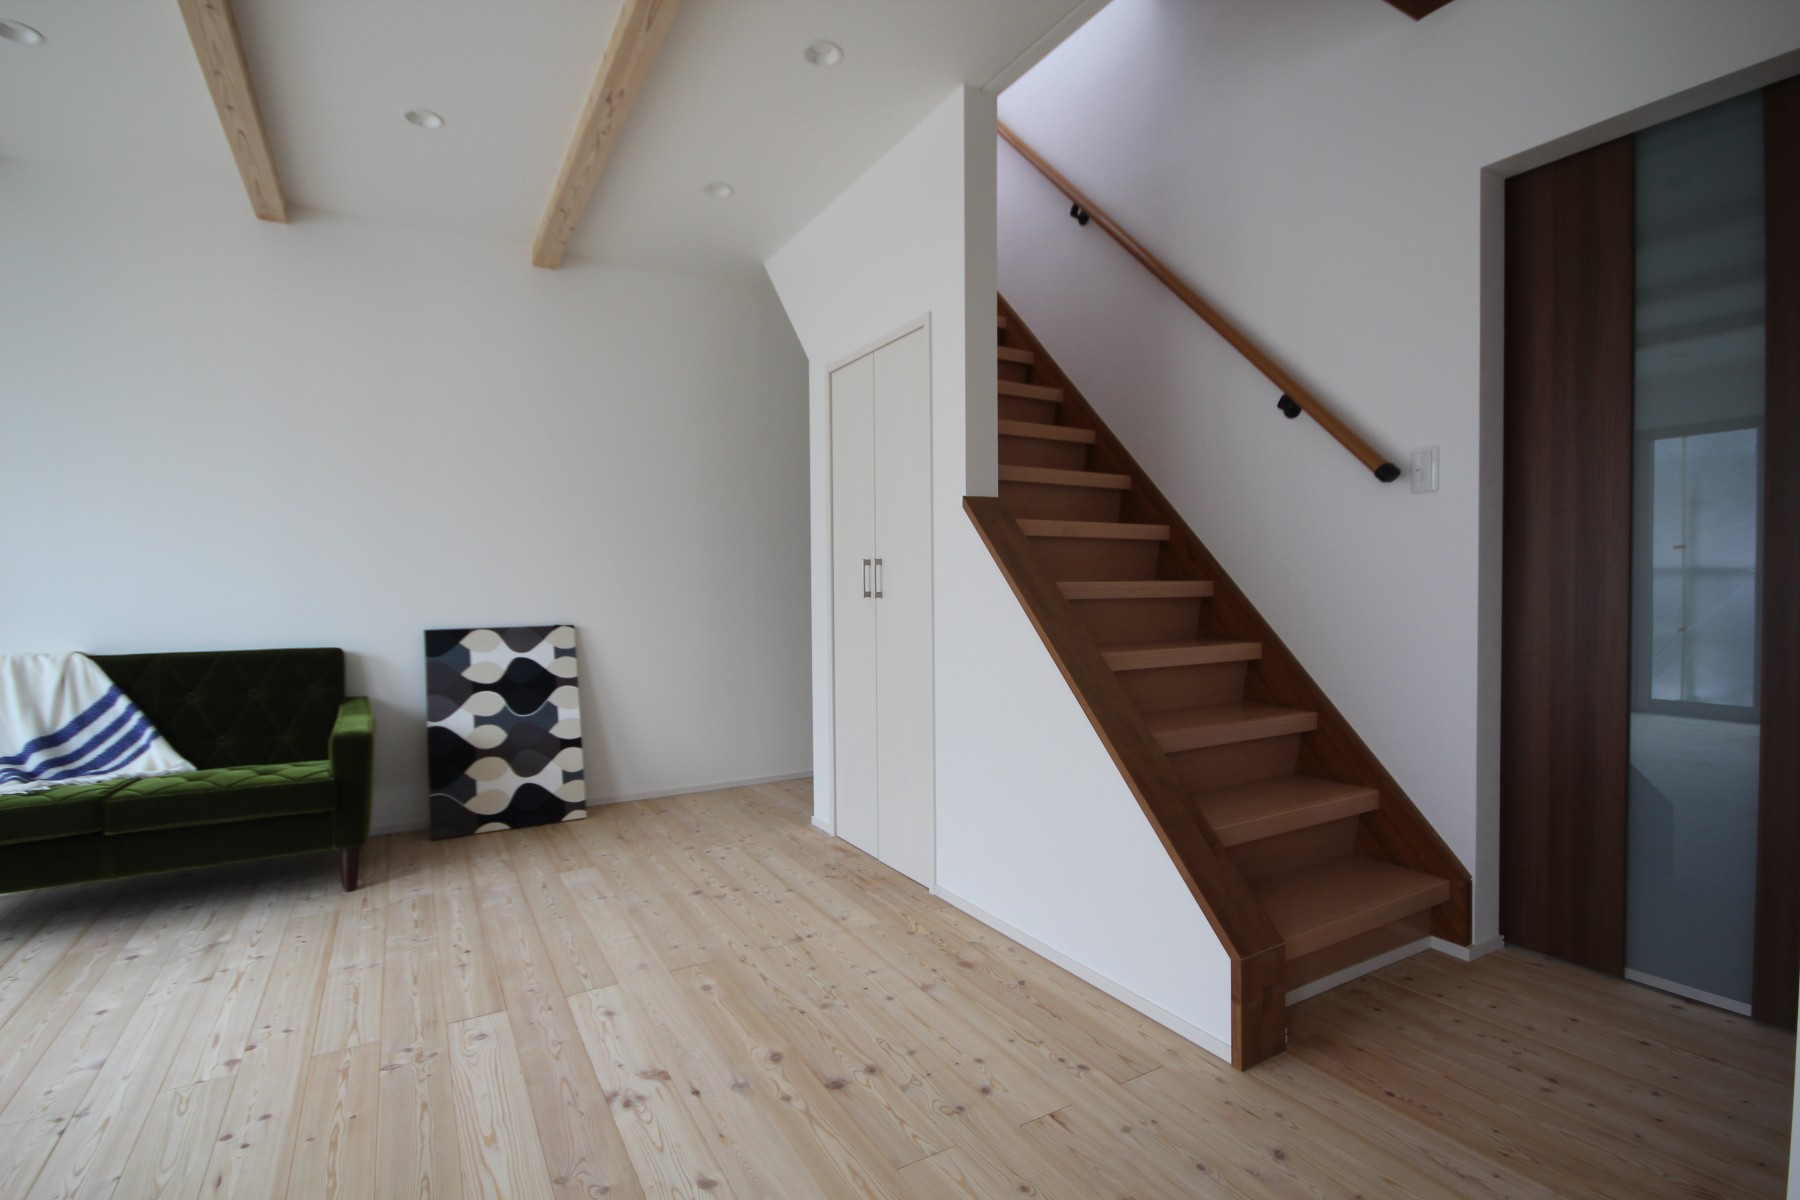 大分市中古住宅リノベーションH様邸アフター写真2